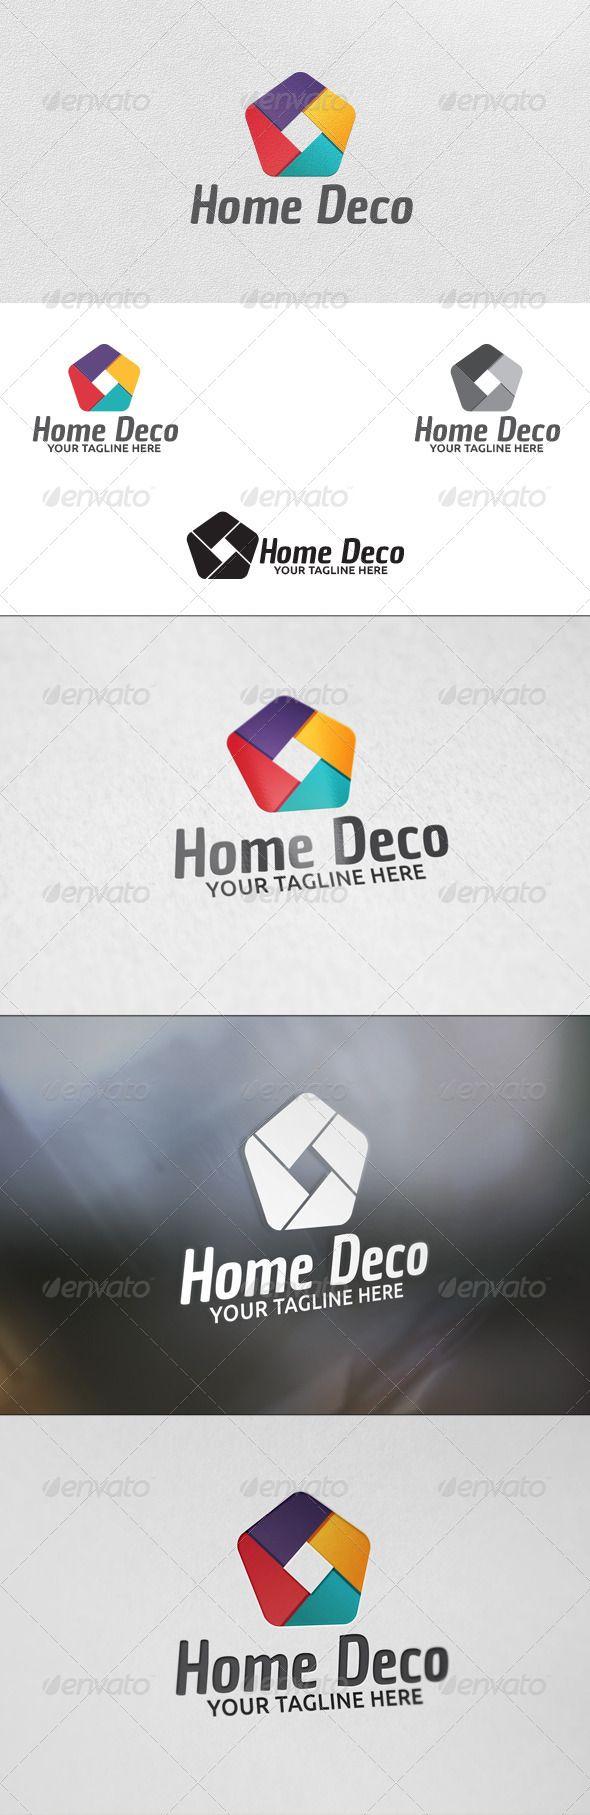 Home Deco - Logo Template